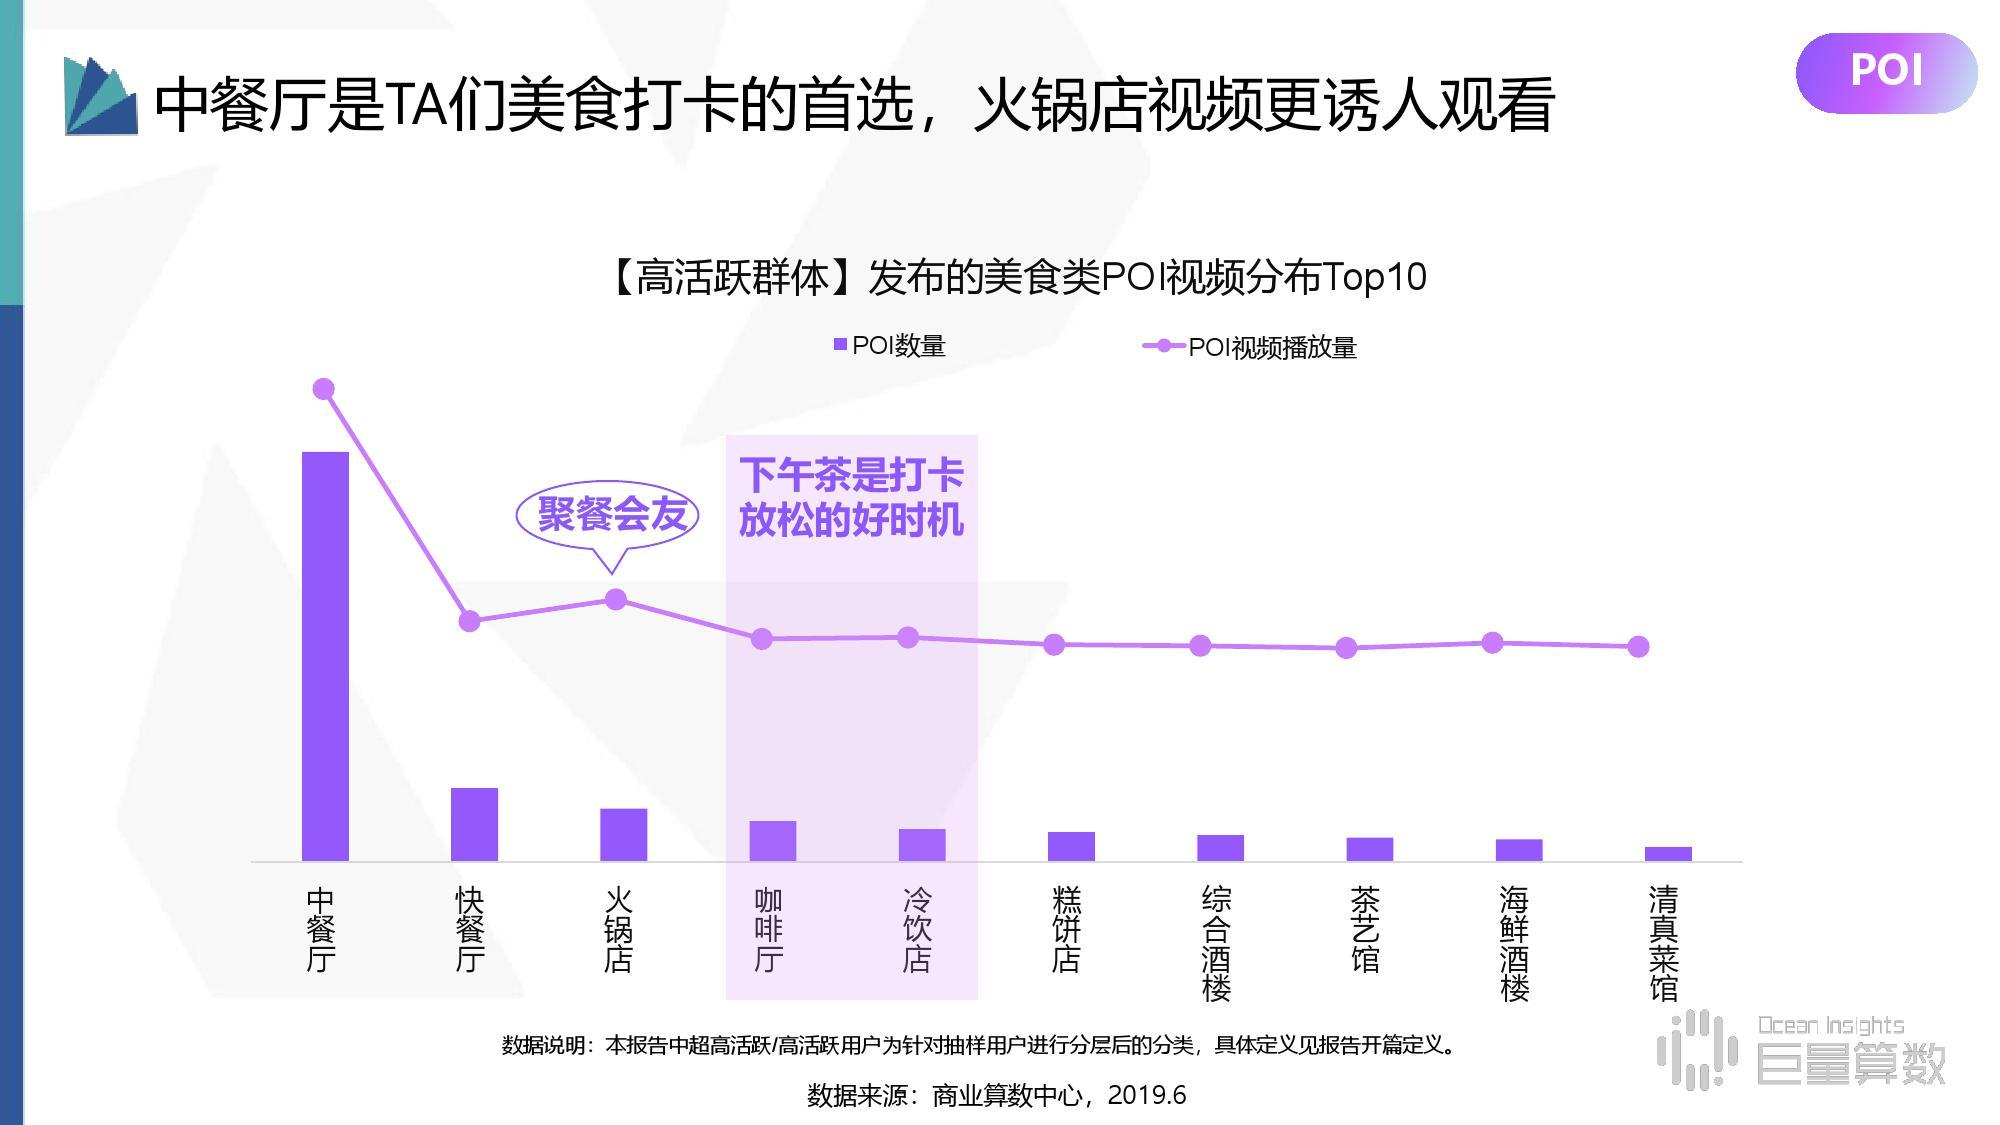 商业算术中心:2019年抖音高活跃群体研究报告